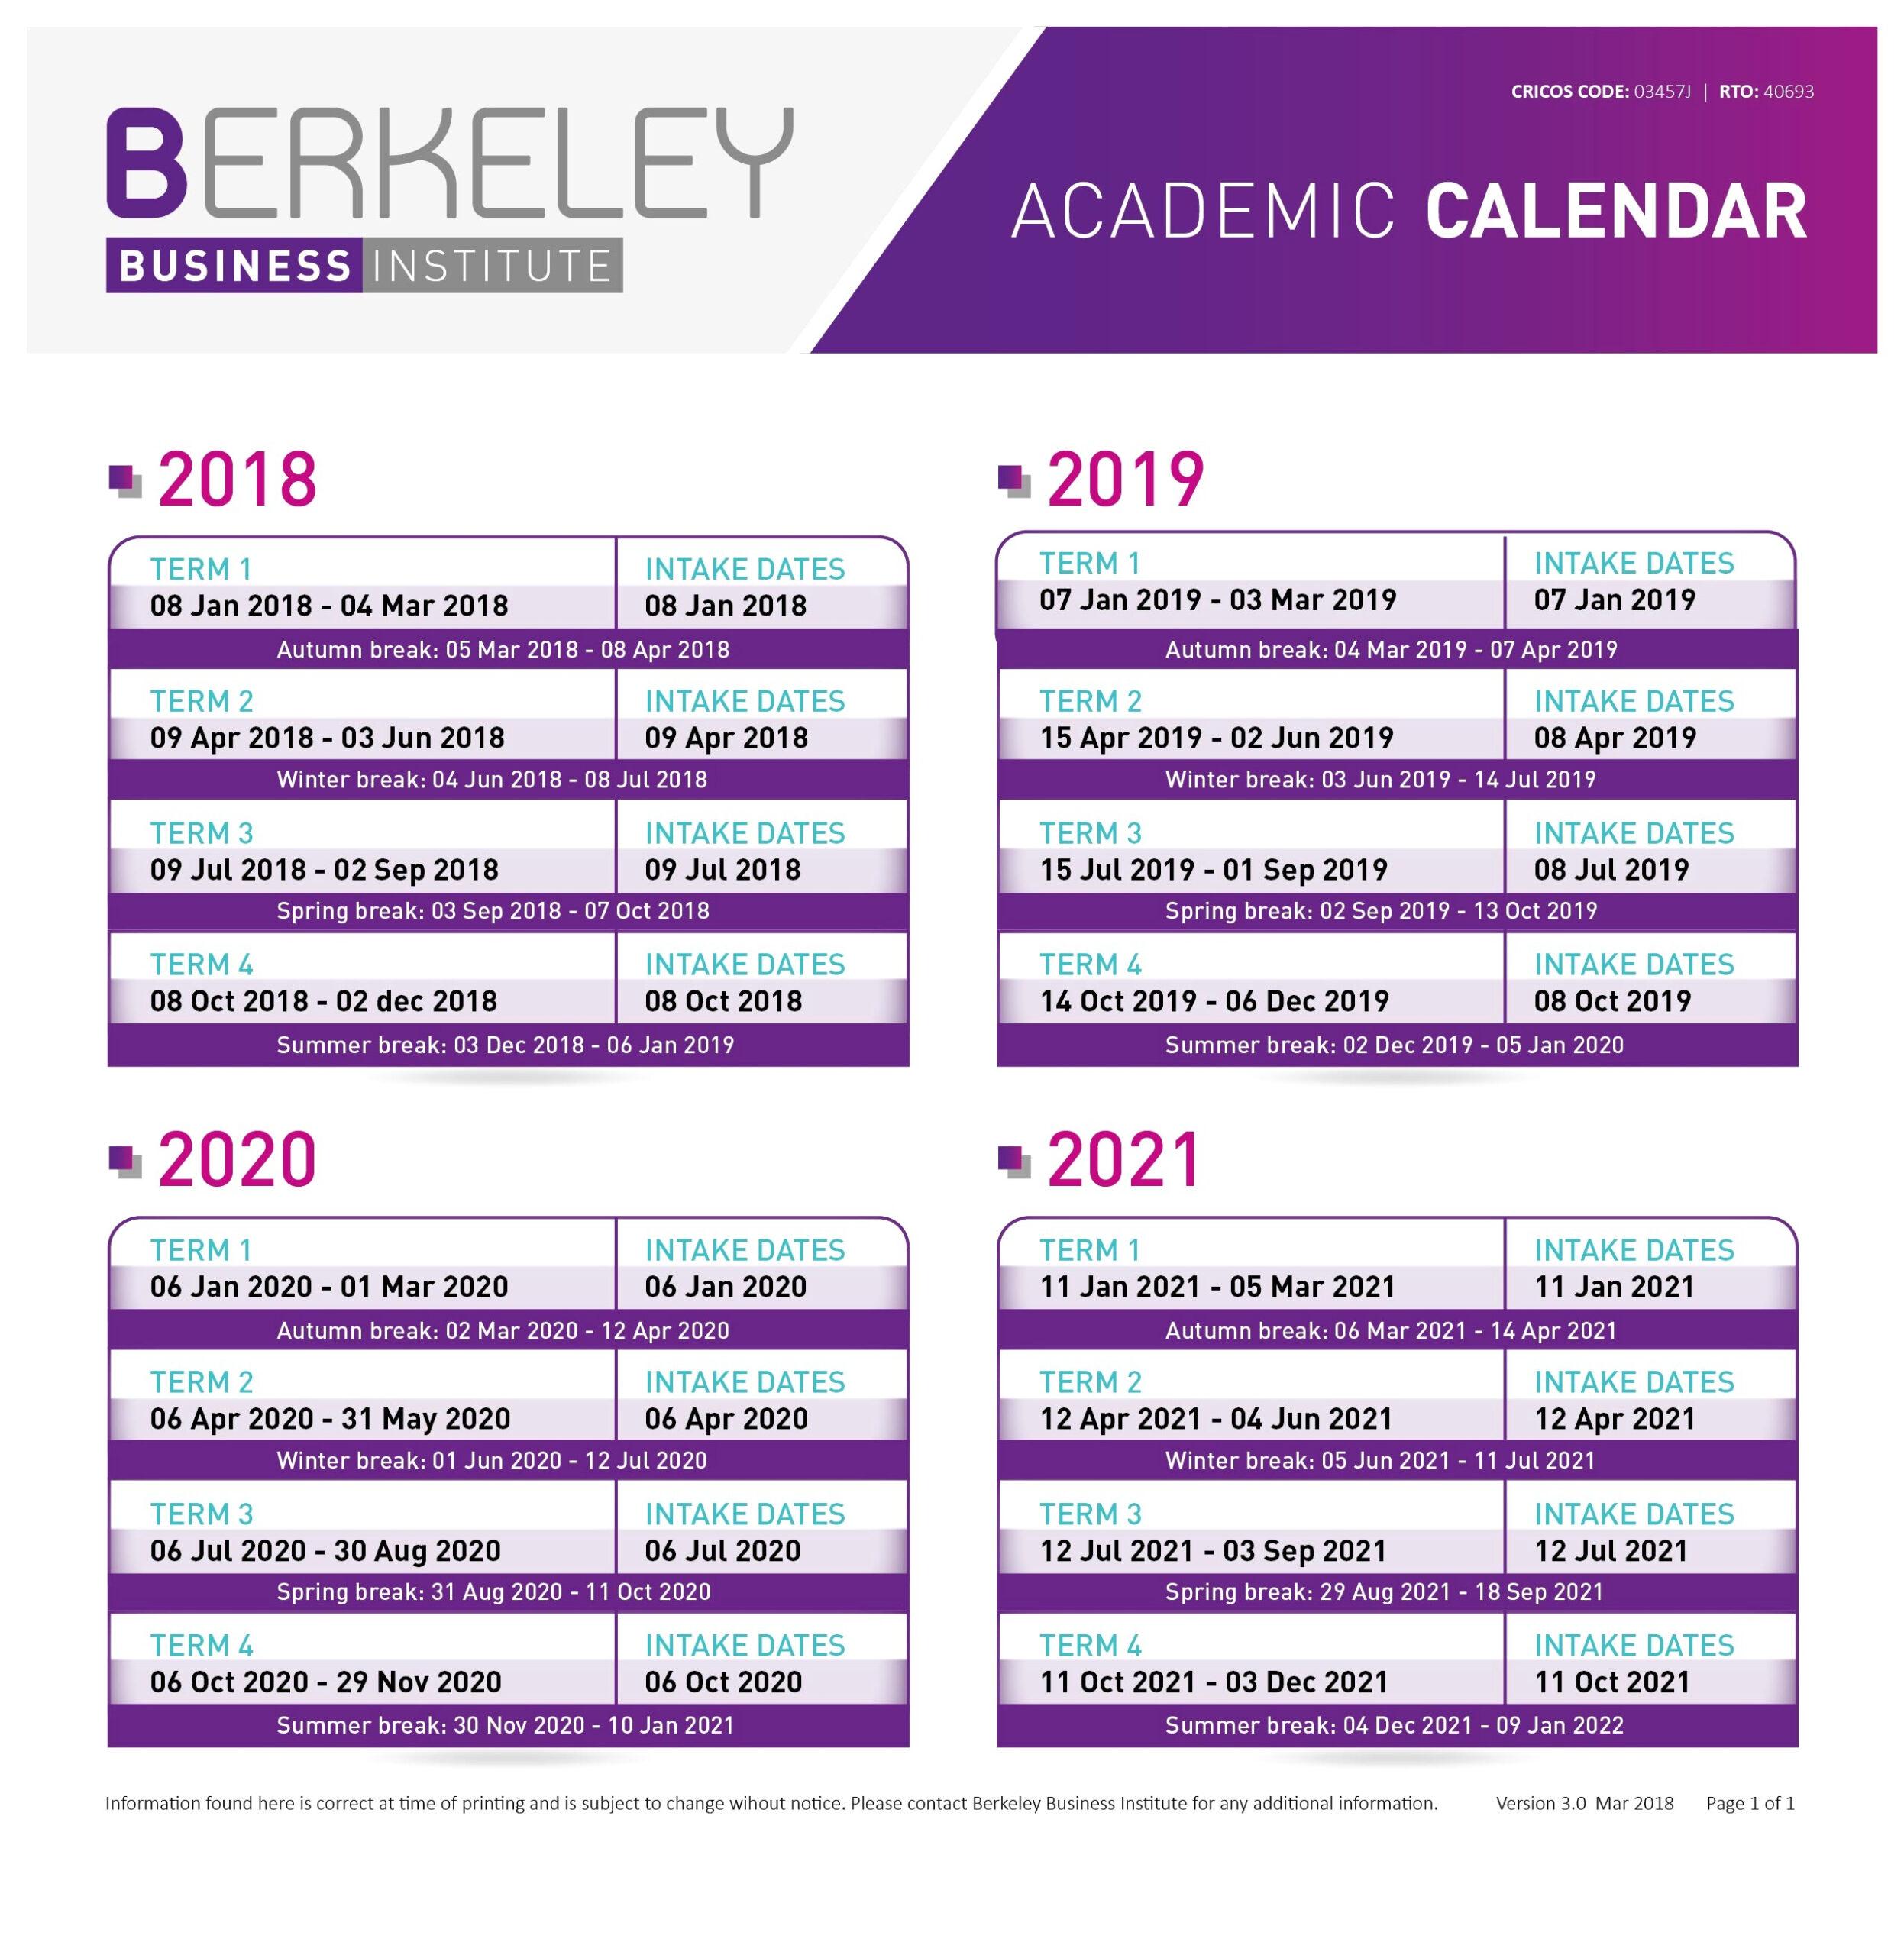 Uc Berkeley Academic Calendar 2019-2020 | Calendar